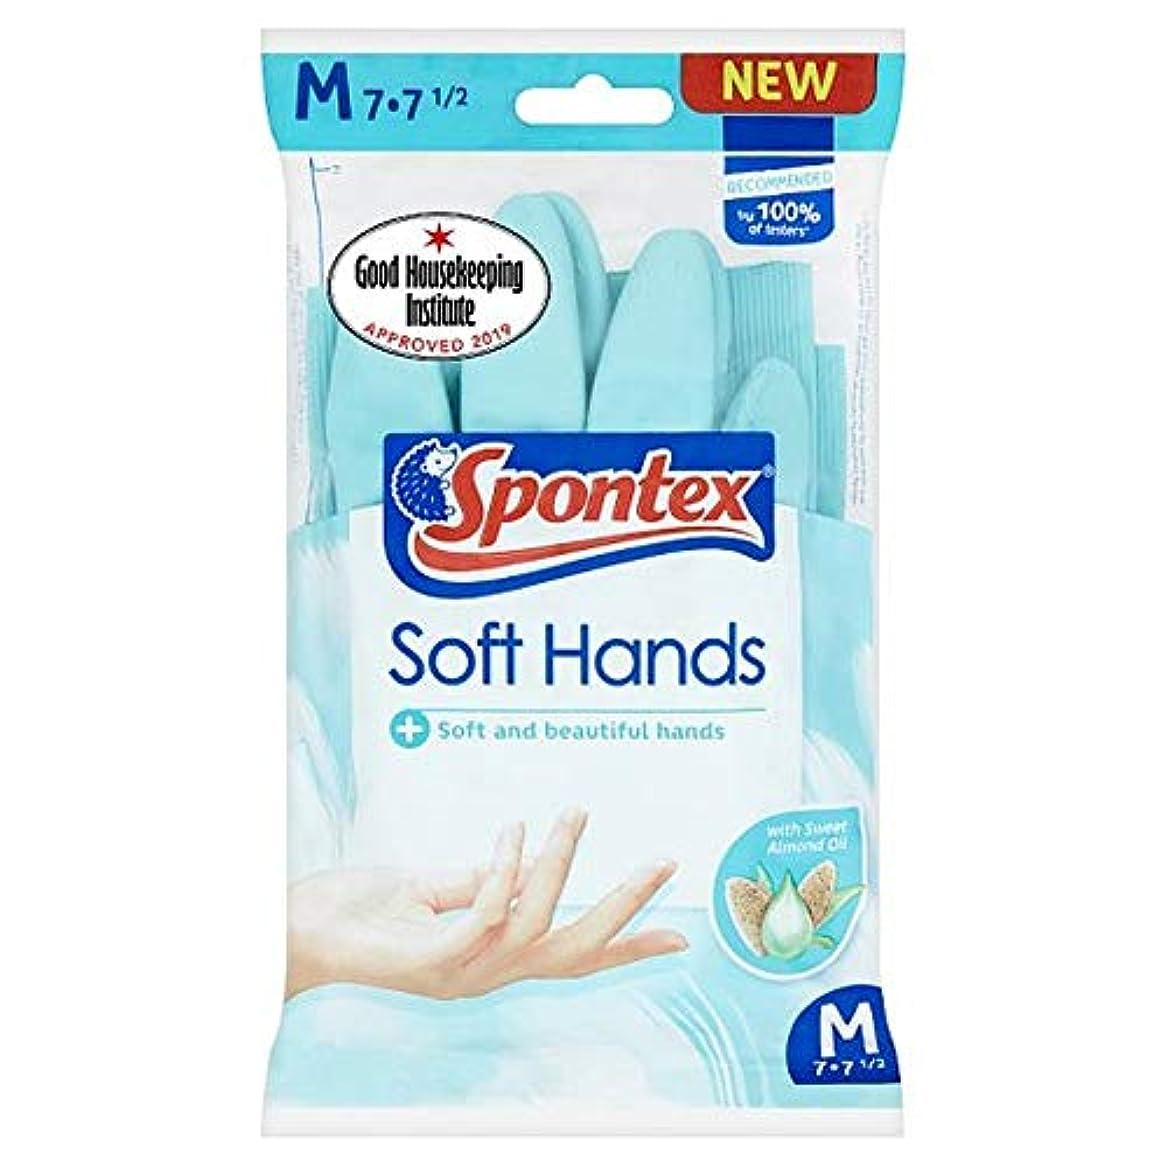 社会主義ガイド暴徒[Spontex] Spontex柔らかい手のゴム手袋 - Spontex Soft Hands Rubber Gloves [並行輸入品]